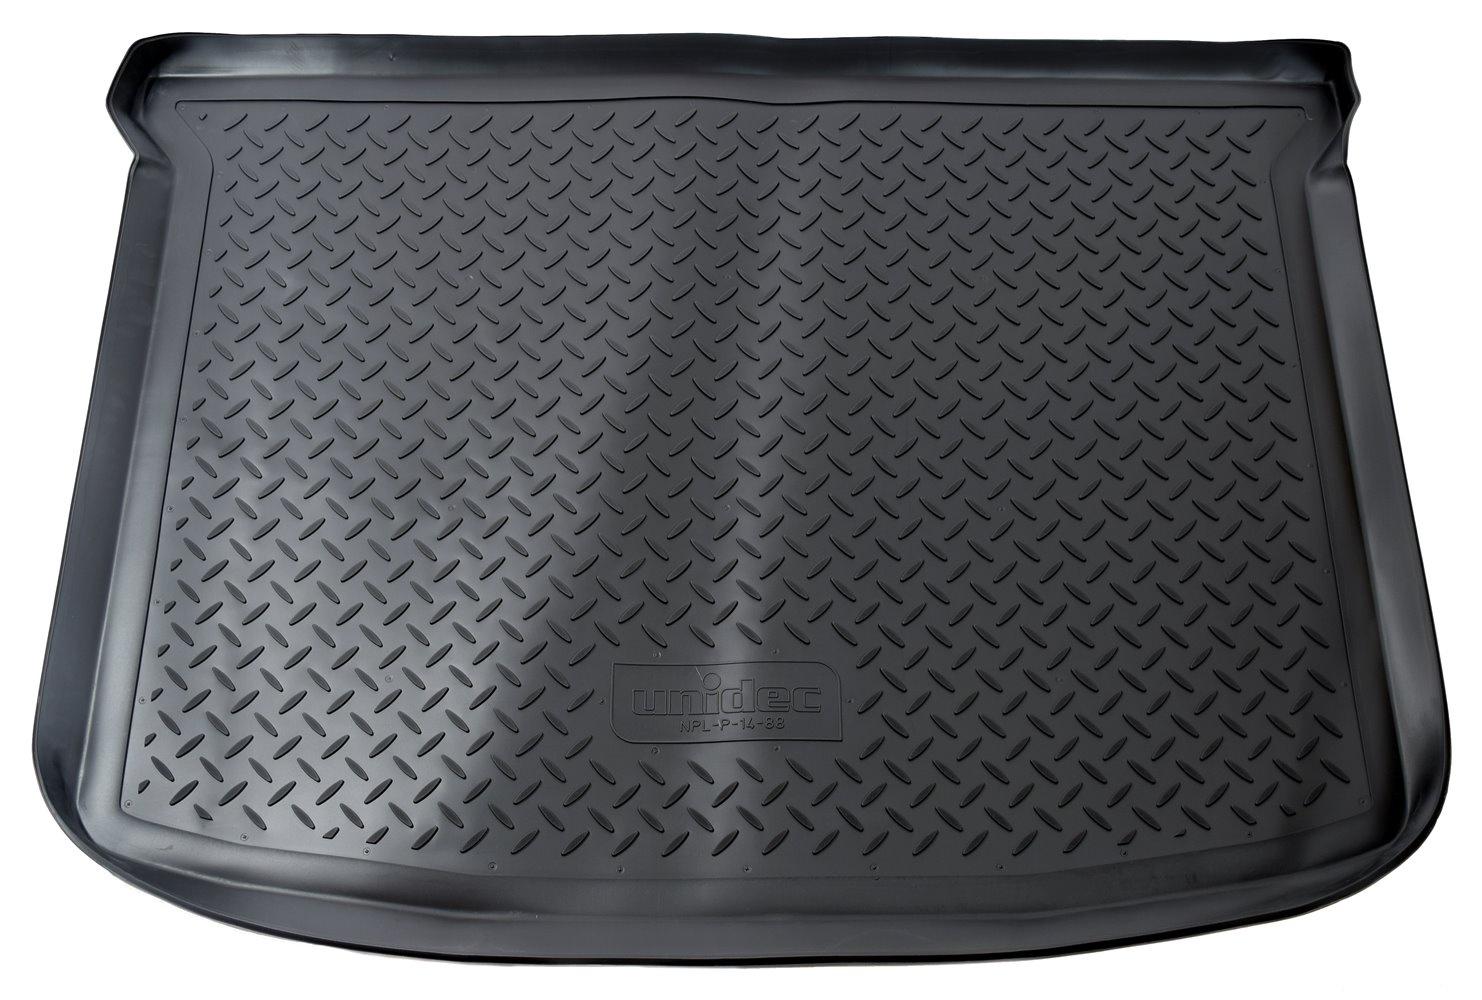 Коврик в багажник Norplast NPL-P-14-88NPL-P-14-88Точное прилегание Без неприятного запаха Высокие бортики Не скользят Подходит на:CITROEN Xsara Picasso 1999-2012 Полиуретановые автомобильные коврики фирмы «Норпласт» надежно защищают обшивку салона и багажника от влаги и загрязнений. Это высококачественное изделие, которое гарантированно прослужит длительный срок. Каждый комплект ковриков производится индивидуально для определённой модели автомобиля. На этапе разработки изделий применяется технология 3D сканирования салона, благодаря чему, каждый коврик имеет оригинальную форму, которая точно повторяет контур пола или багажного отделения автомобиля.